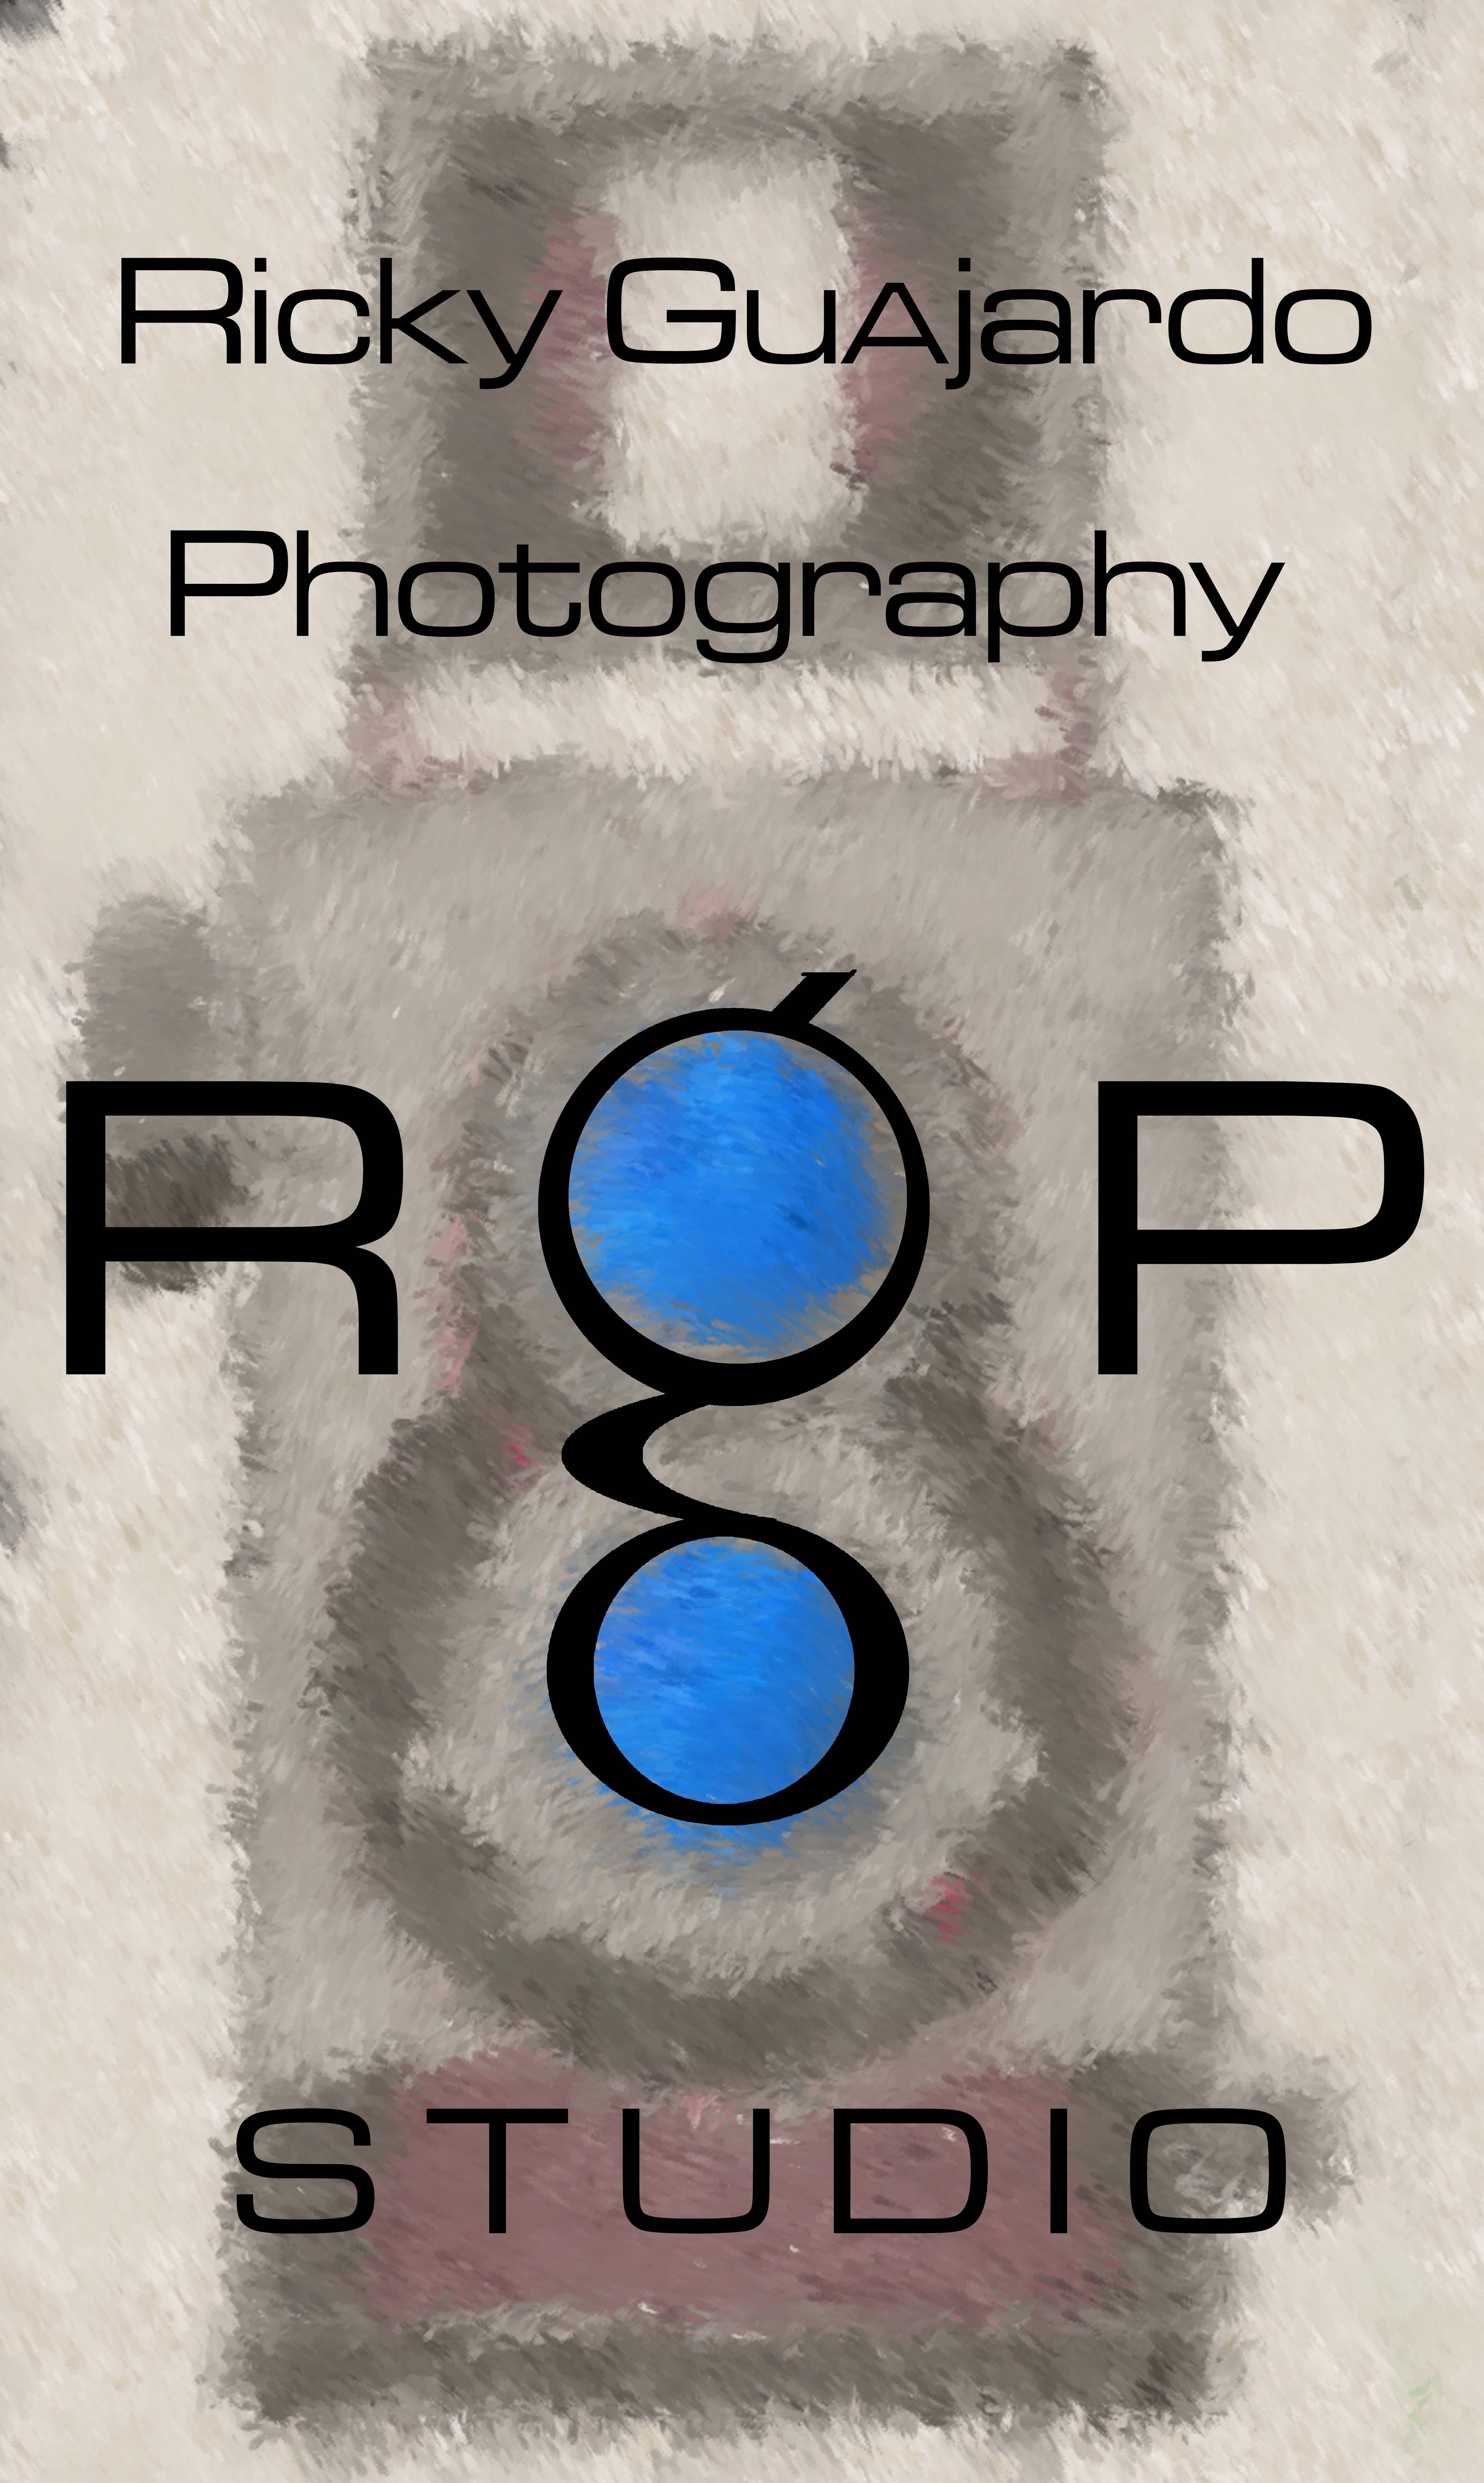 RGuajardoPhotography.com